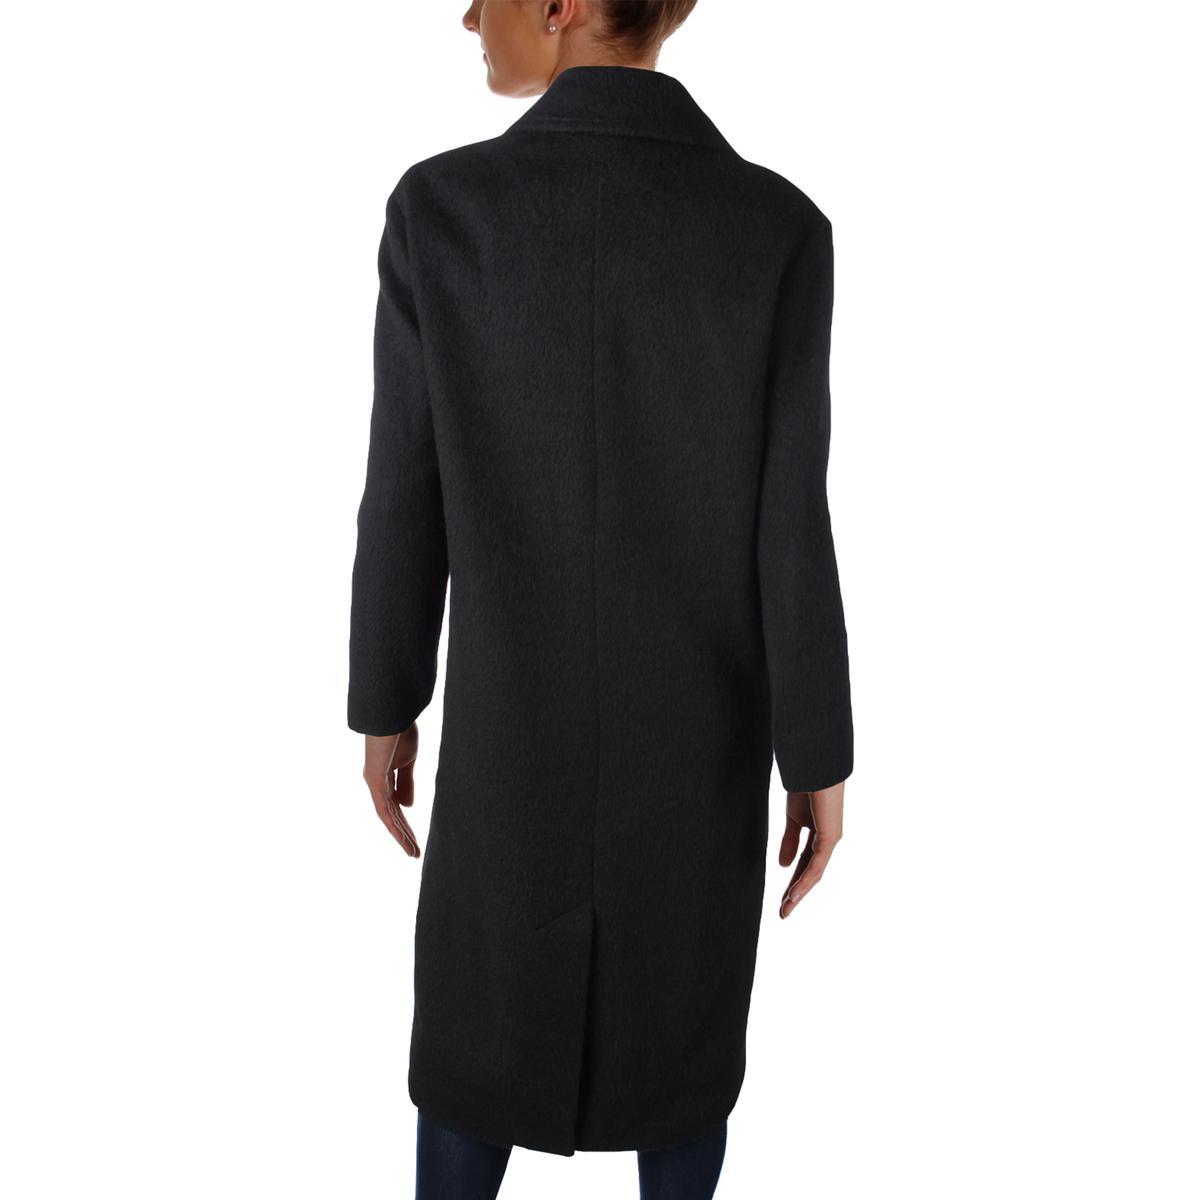 Jones-New-York-Womens-Winter-Wool-Blend-Long-Maxi-Coat-Outerwear-BHFO-6405